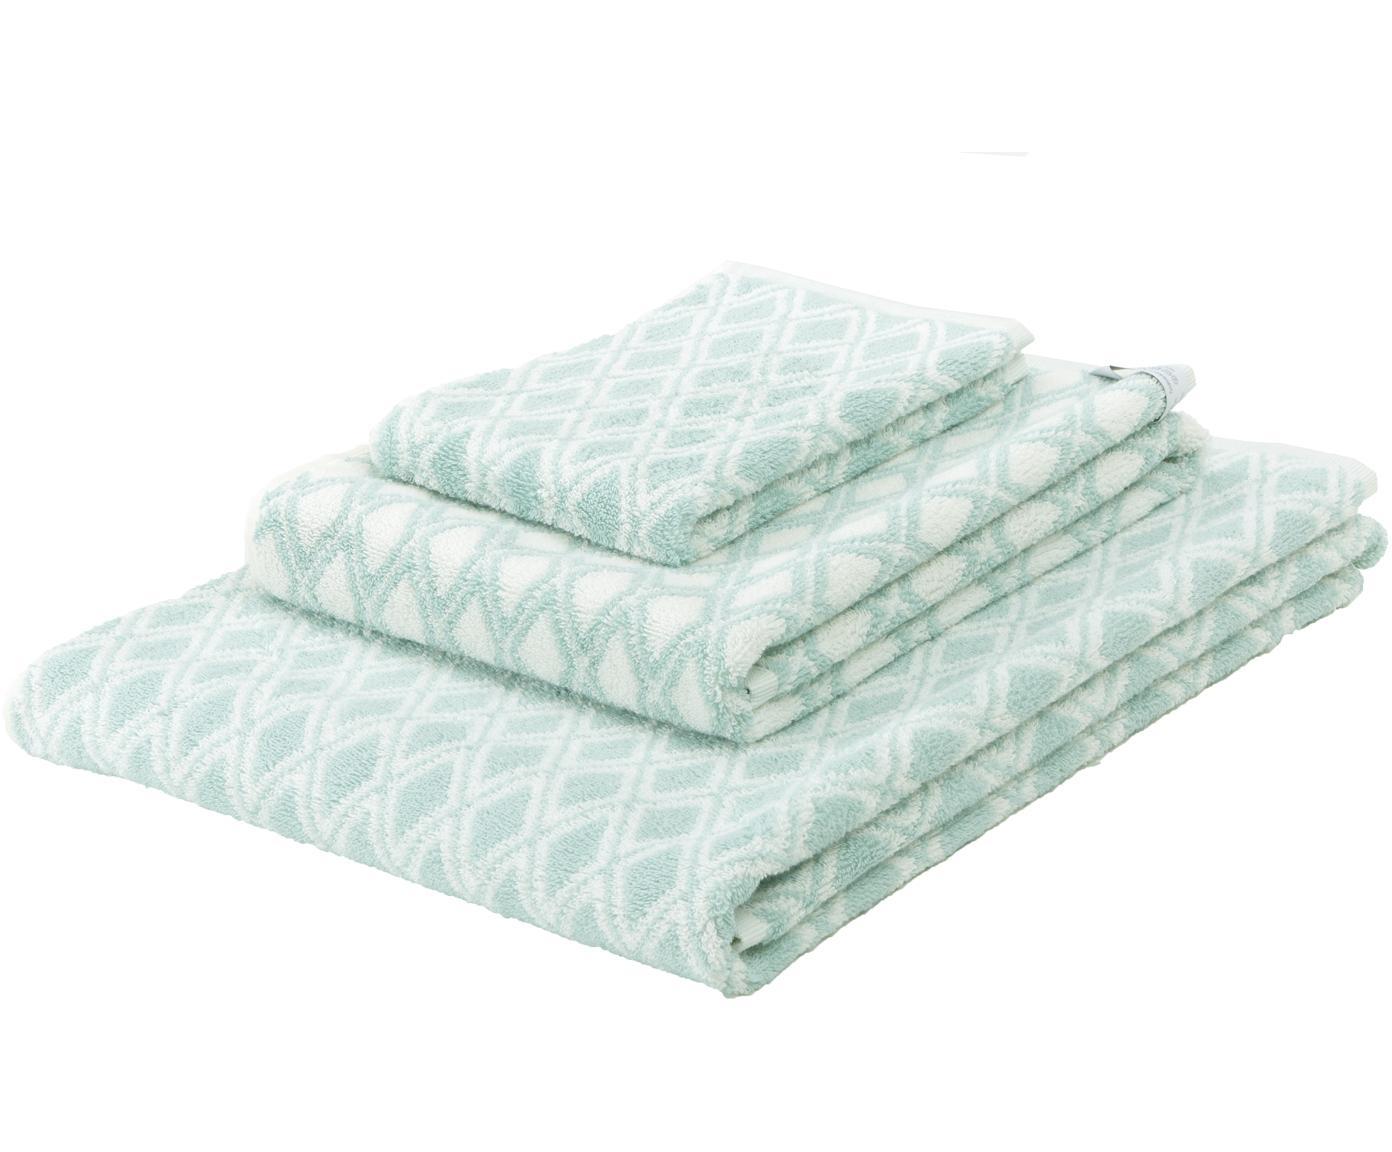 Komplet dwustronnych ręczników Ava, 3elem., Miętowozielony, kremowobiały, Różne rozmiary